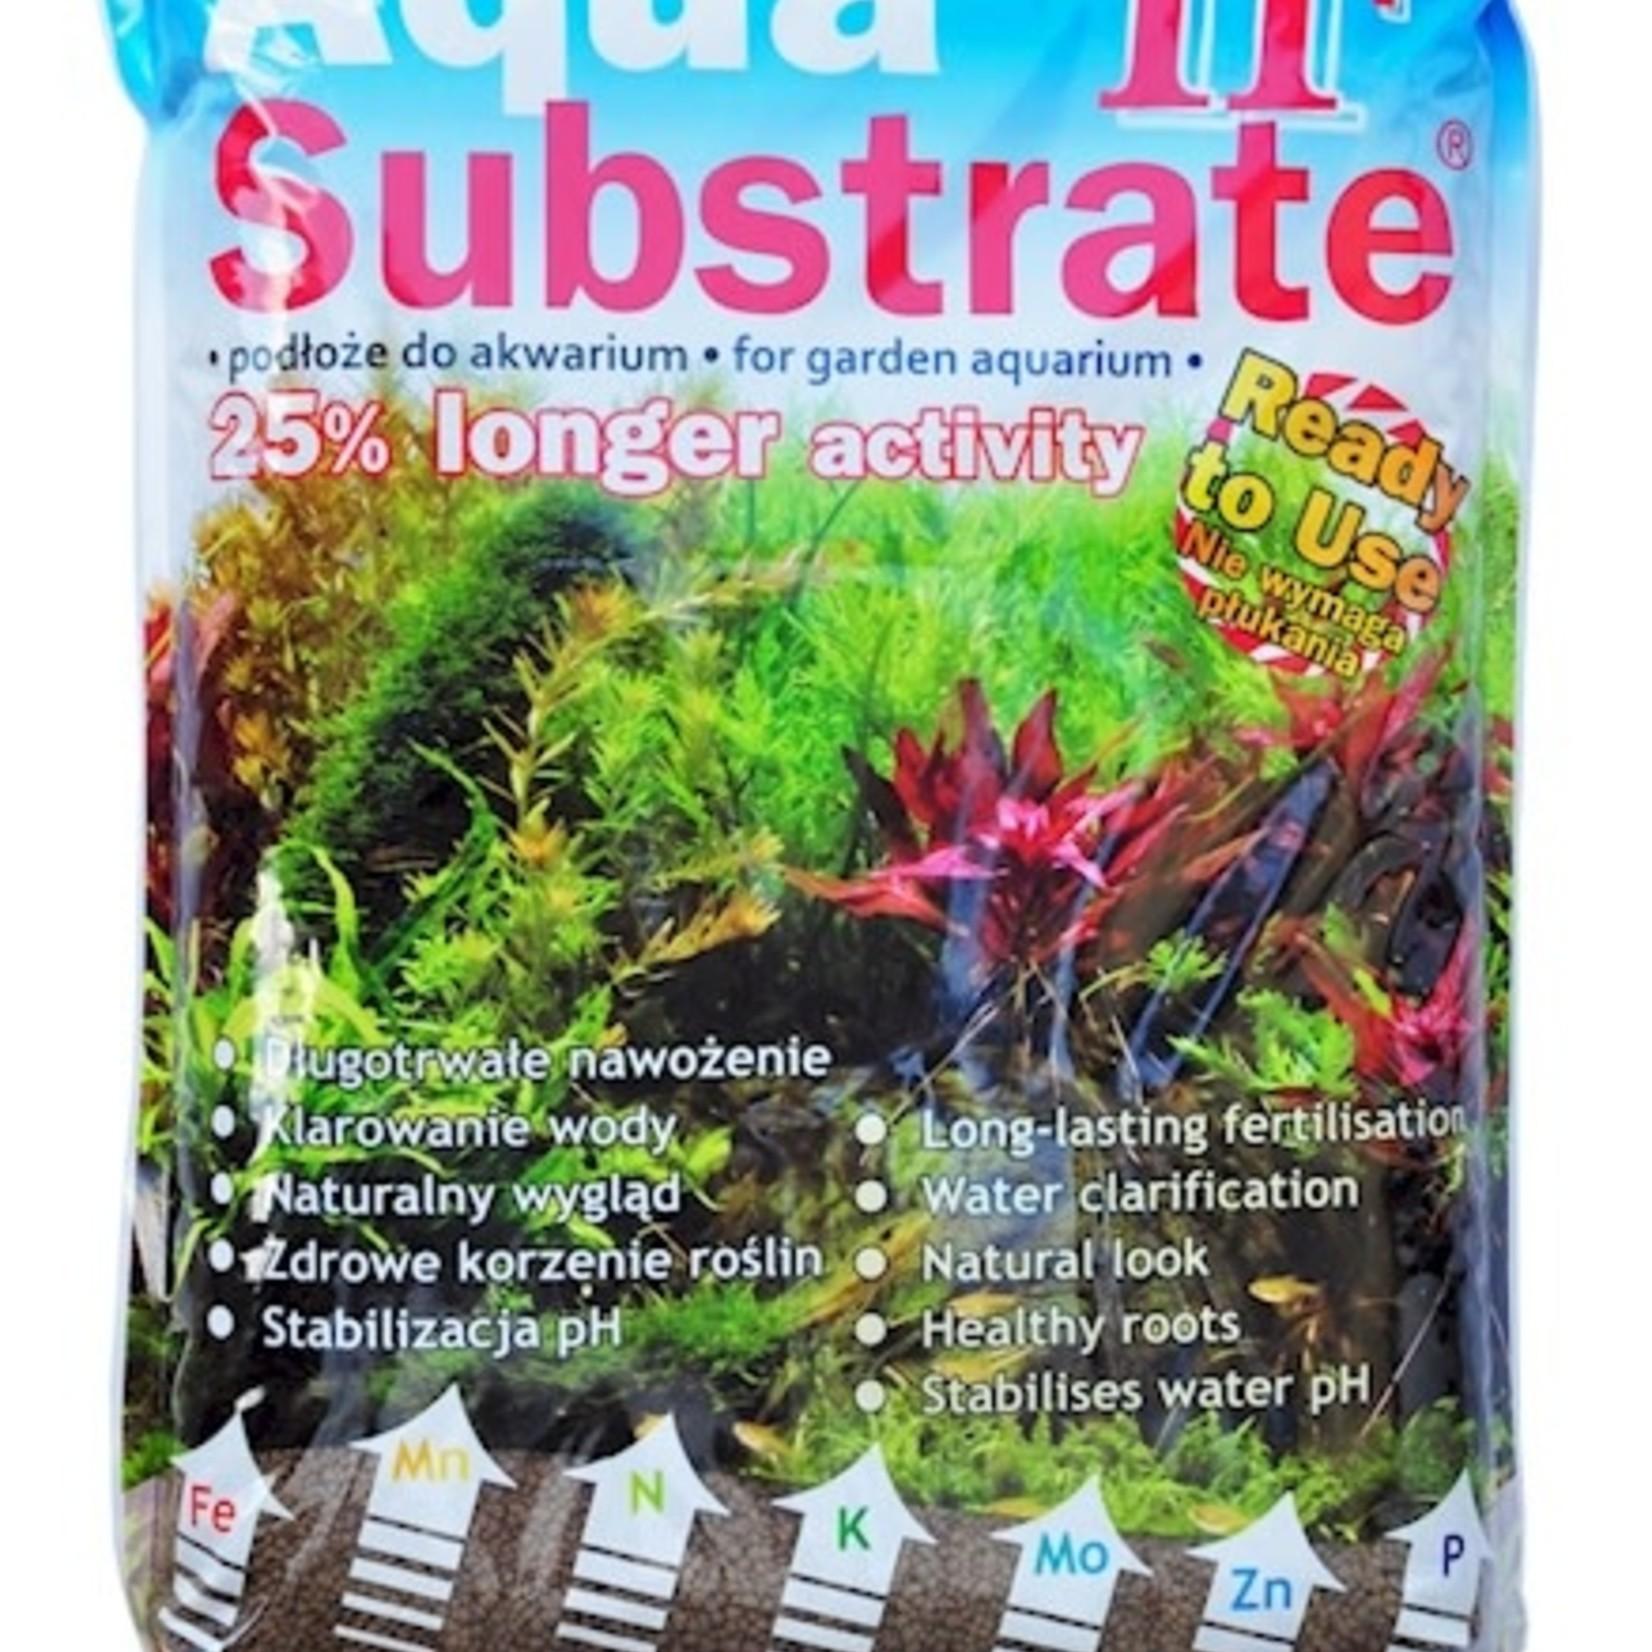 Aqua-Art Aqua Substrate II 5,4 kg